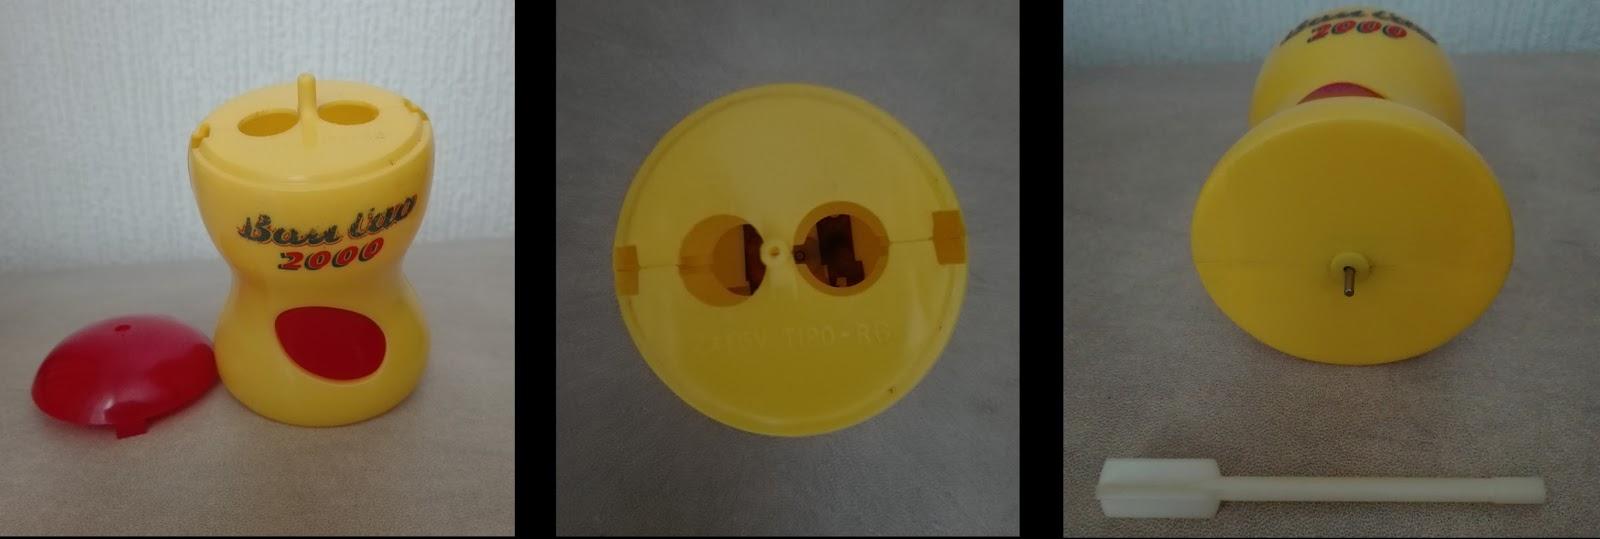 motor electrico Baticao